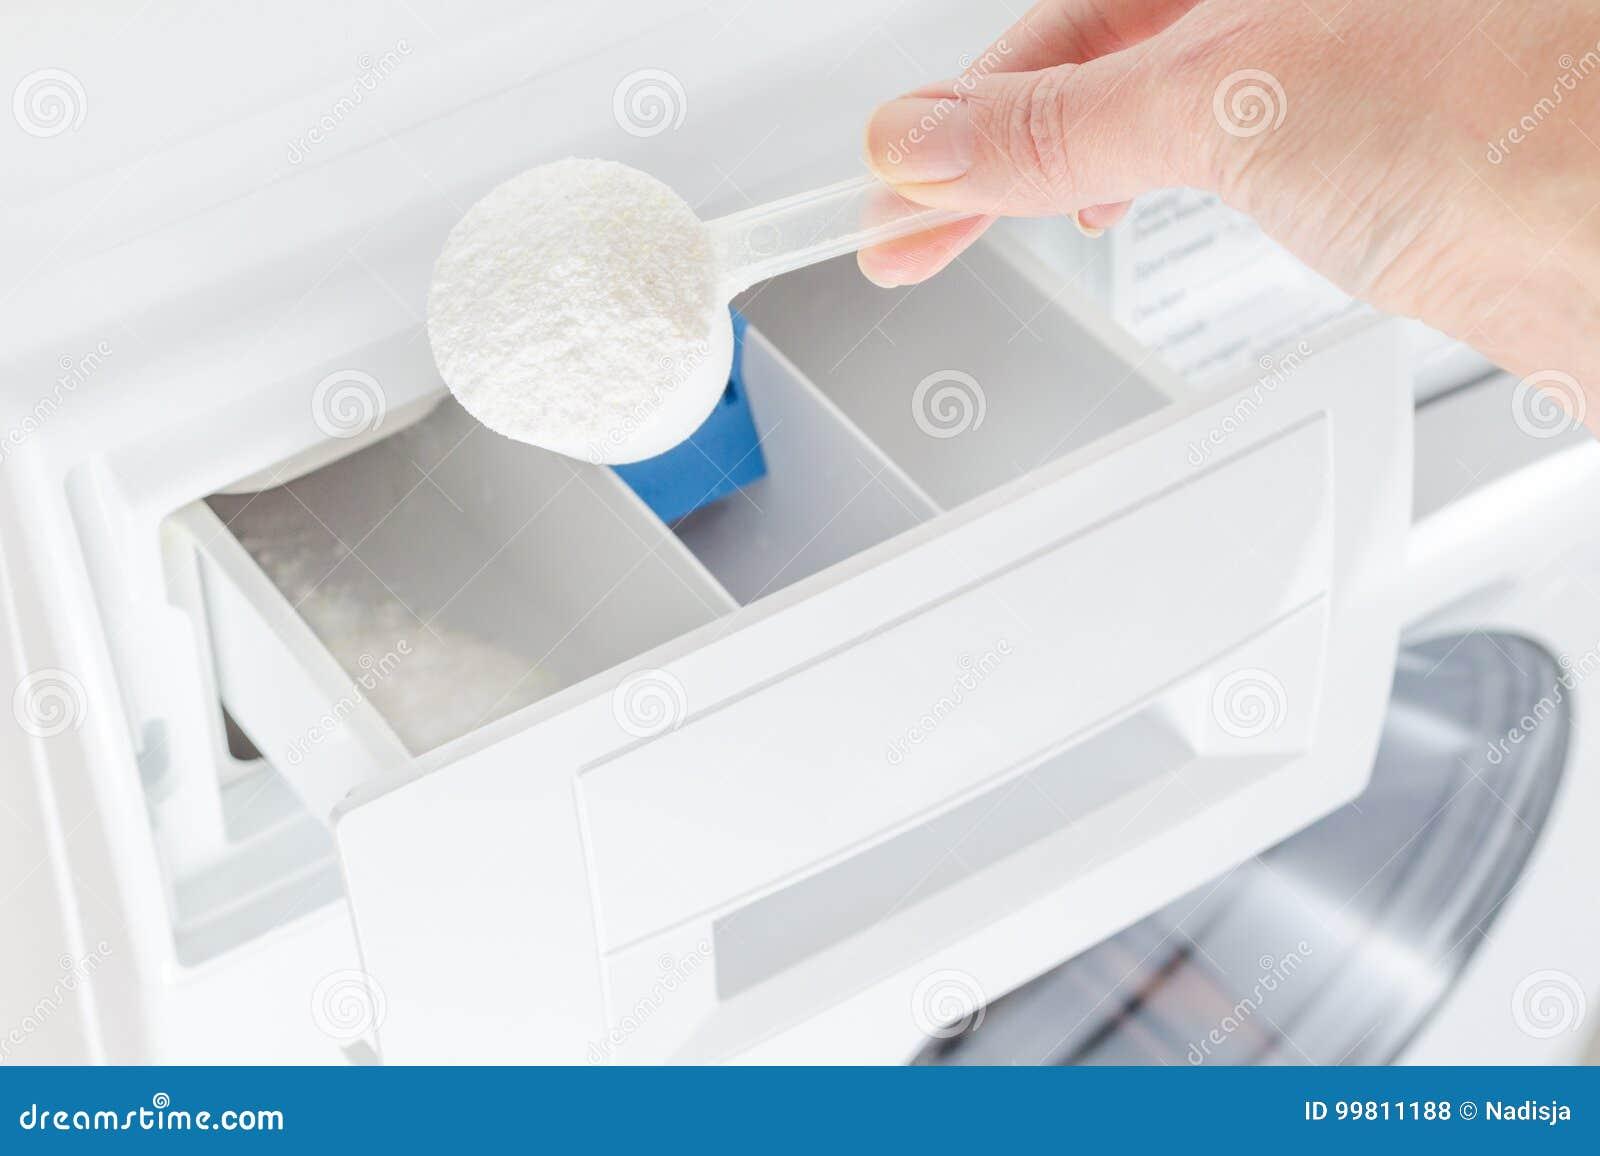 Pó de lavagem, detergente em um copo e mão da mulher, máquina de lavar, foco seletivo